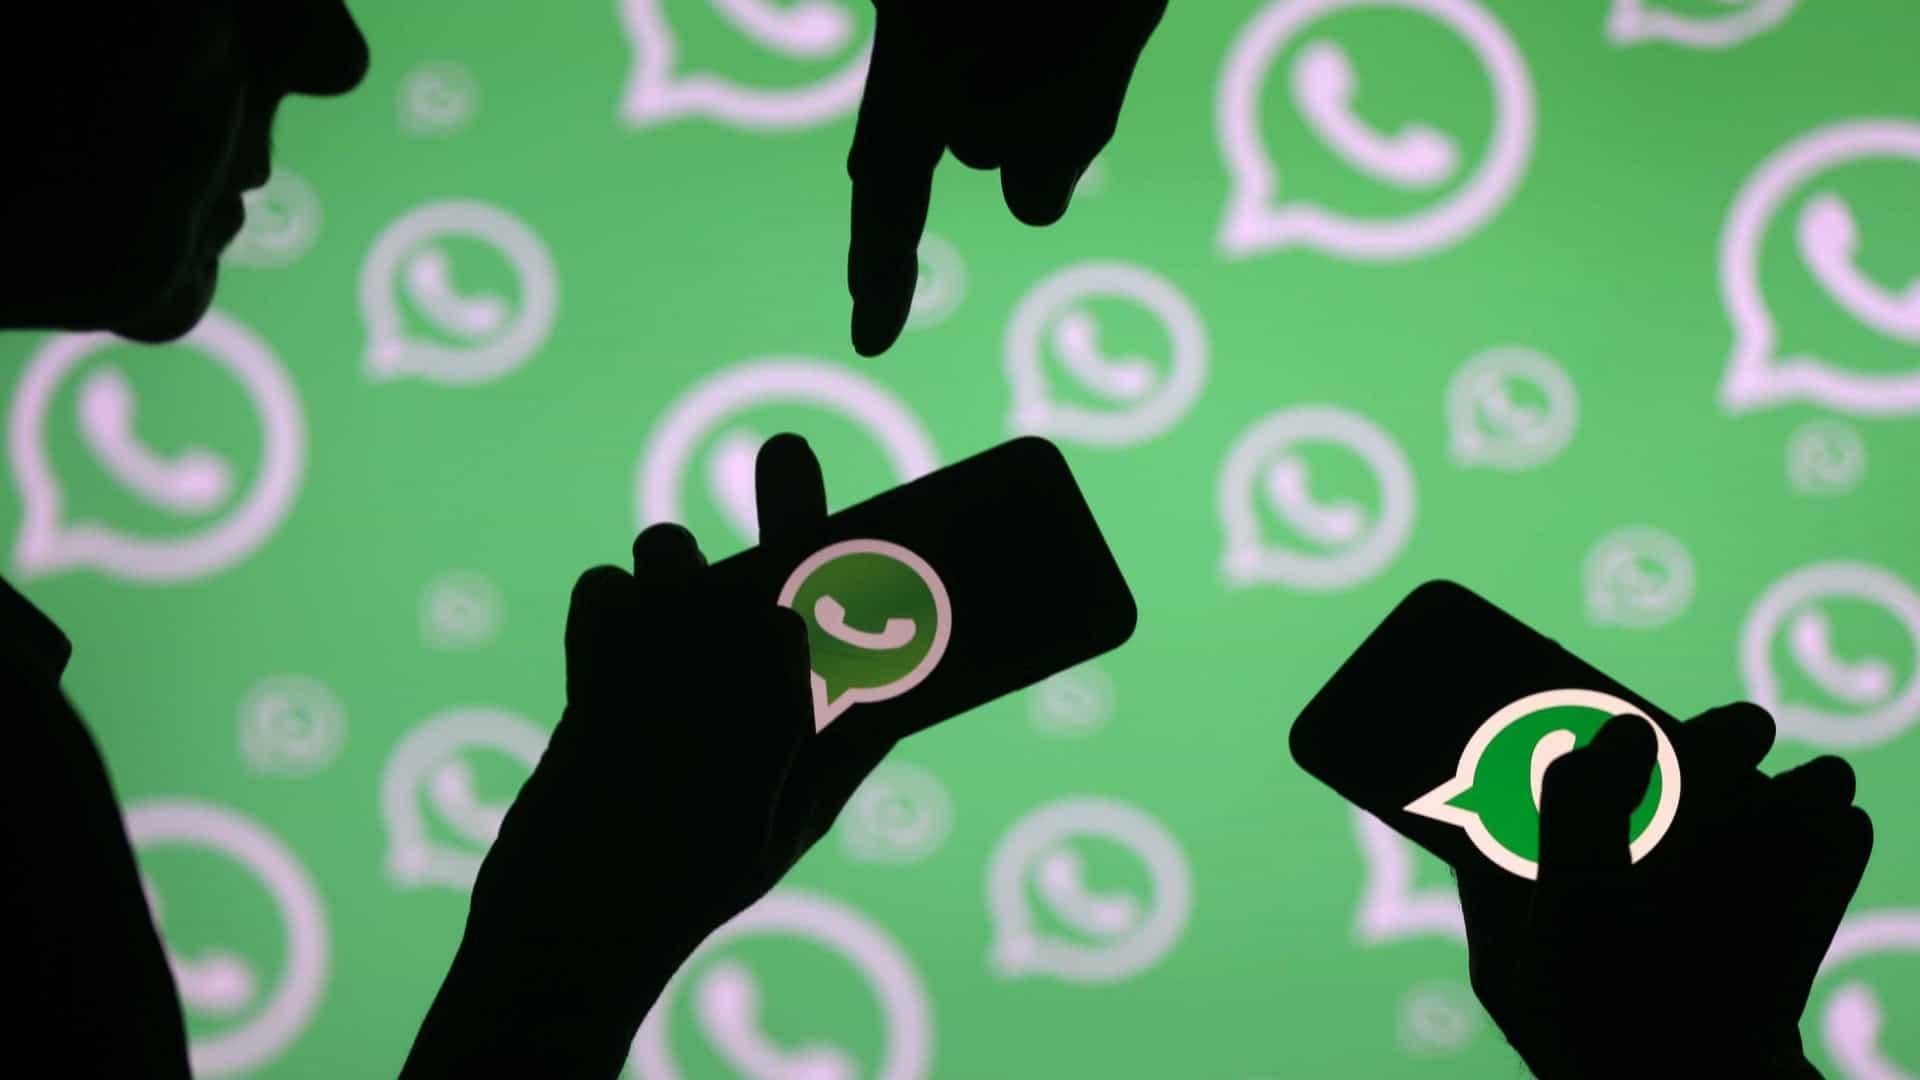 naom 59c366361cf87 - TSE pretende rebater notícias falsas via WhatsApp durante eleições